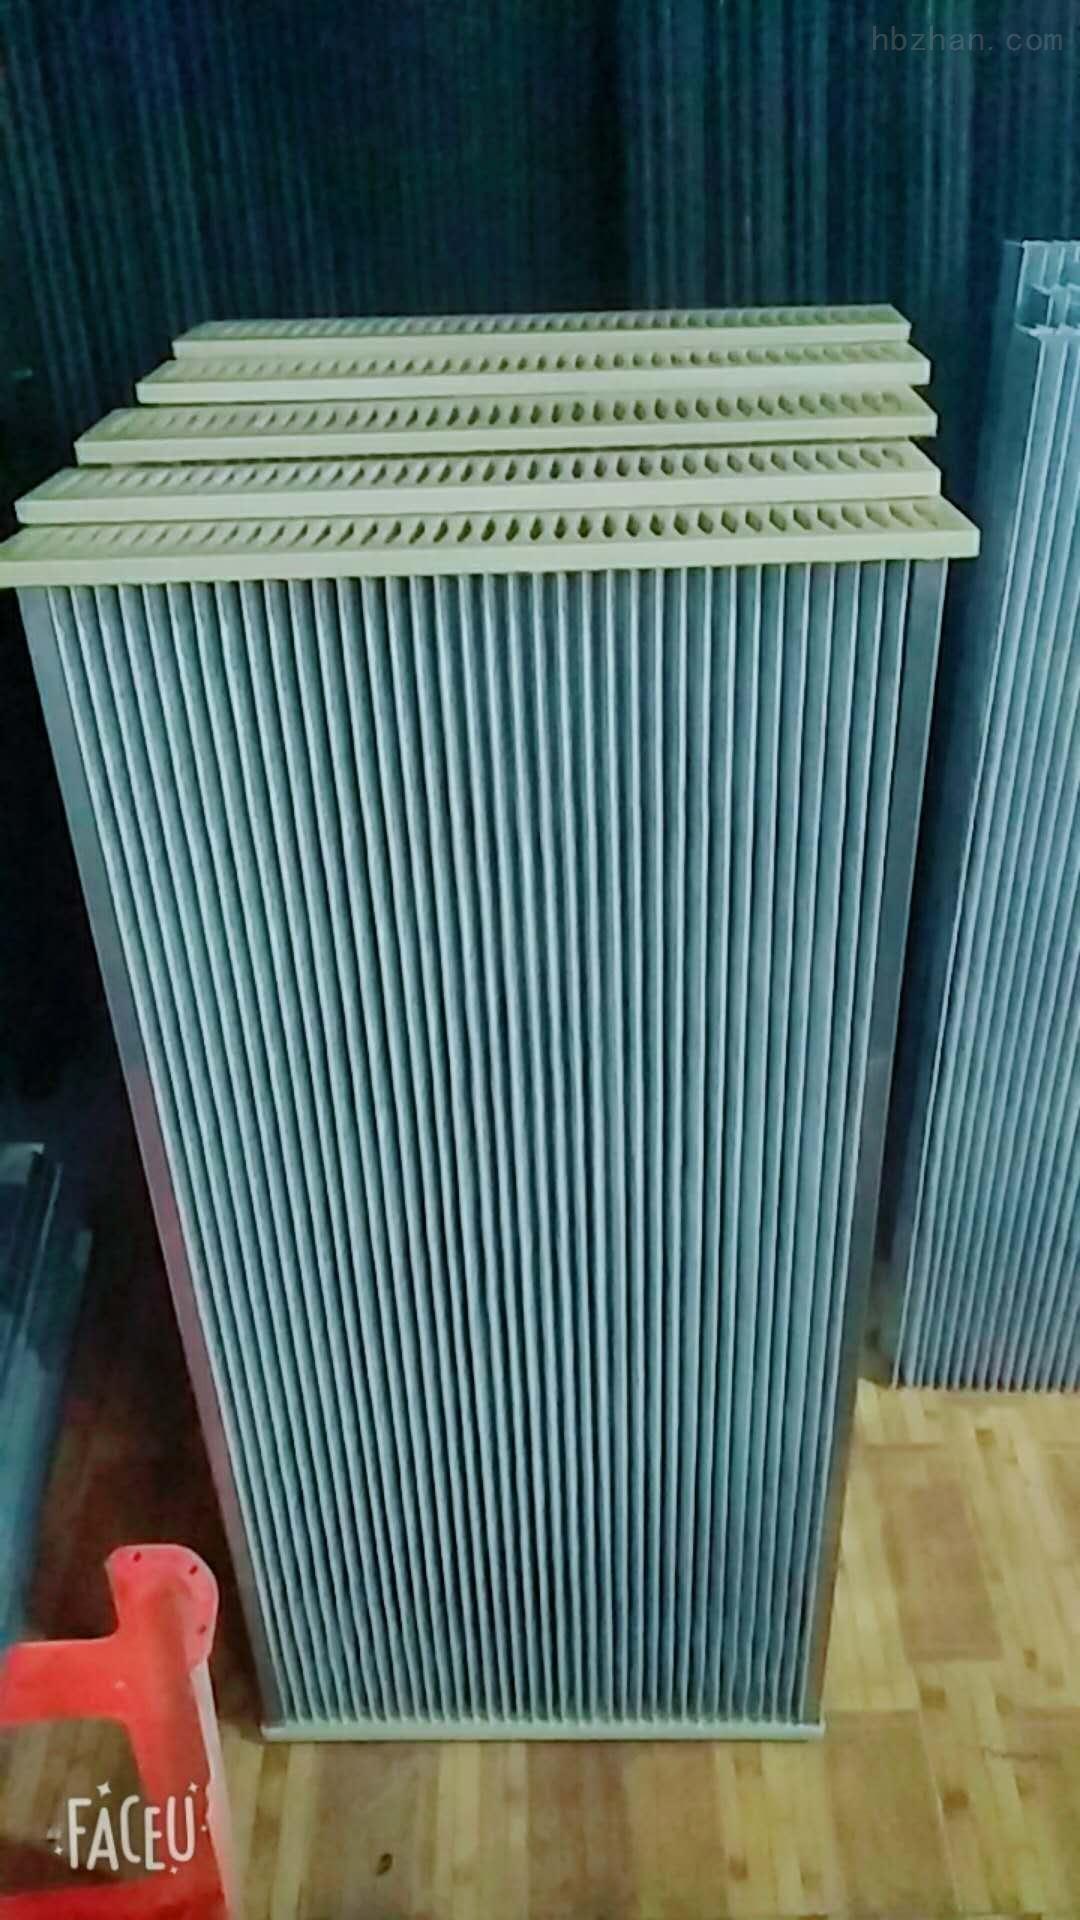 迪庆DFM40PP005A01滤芯厂家批发